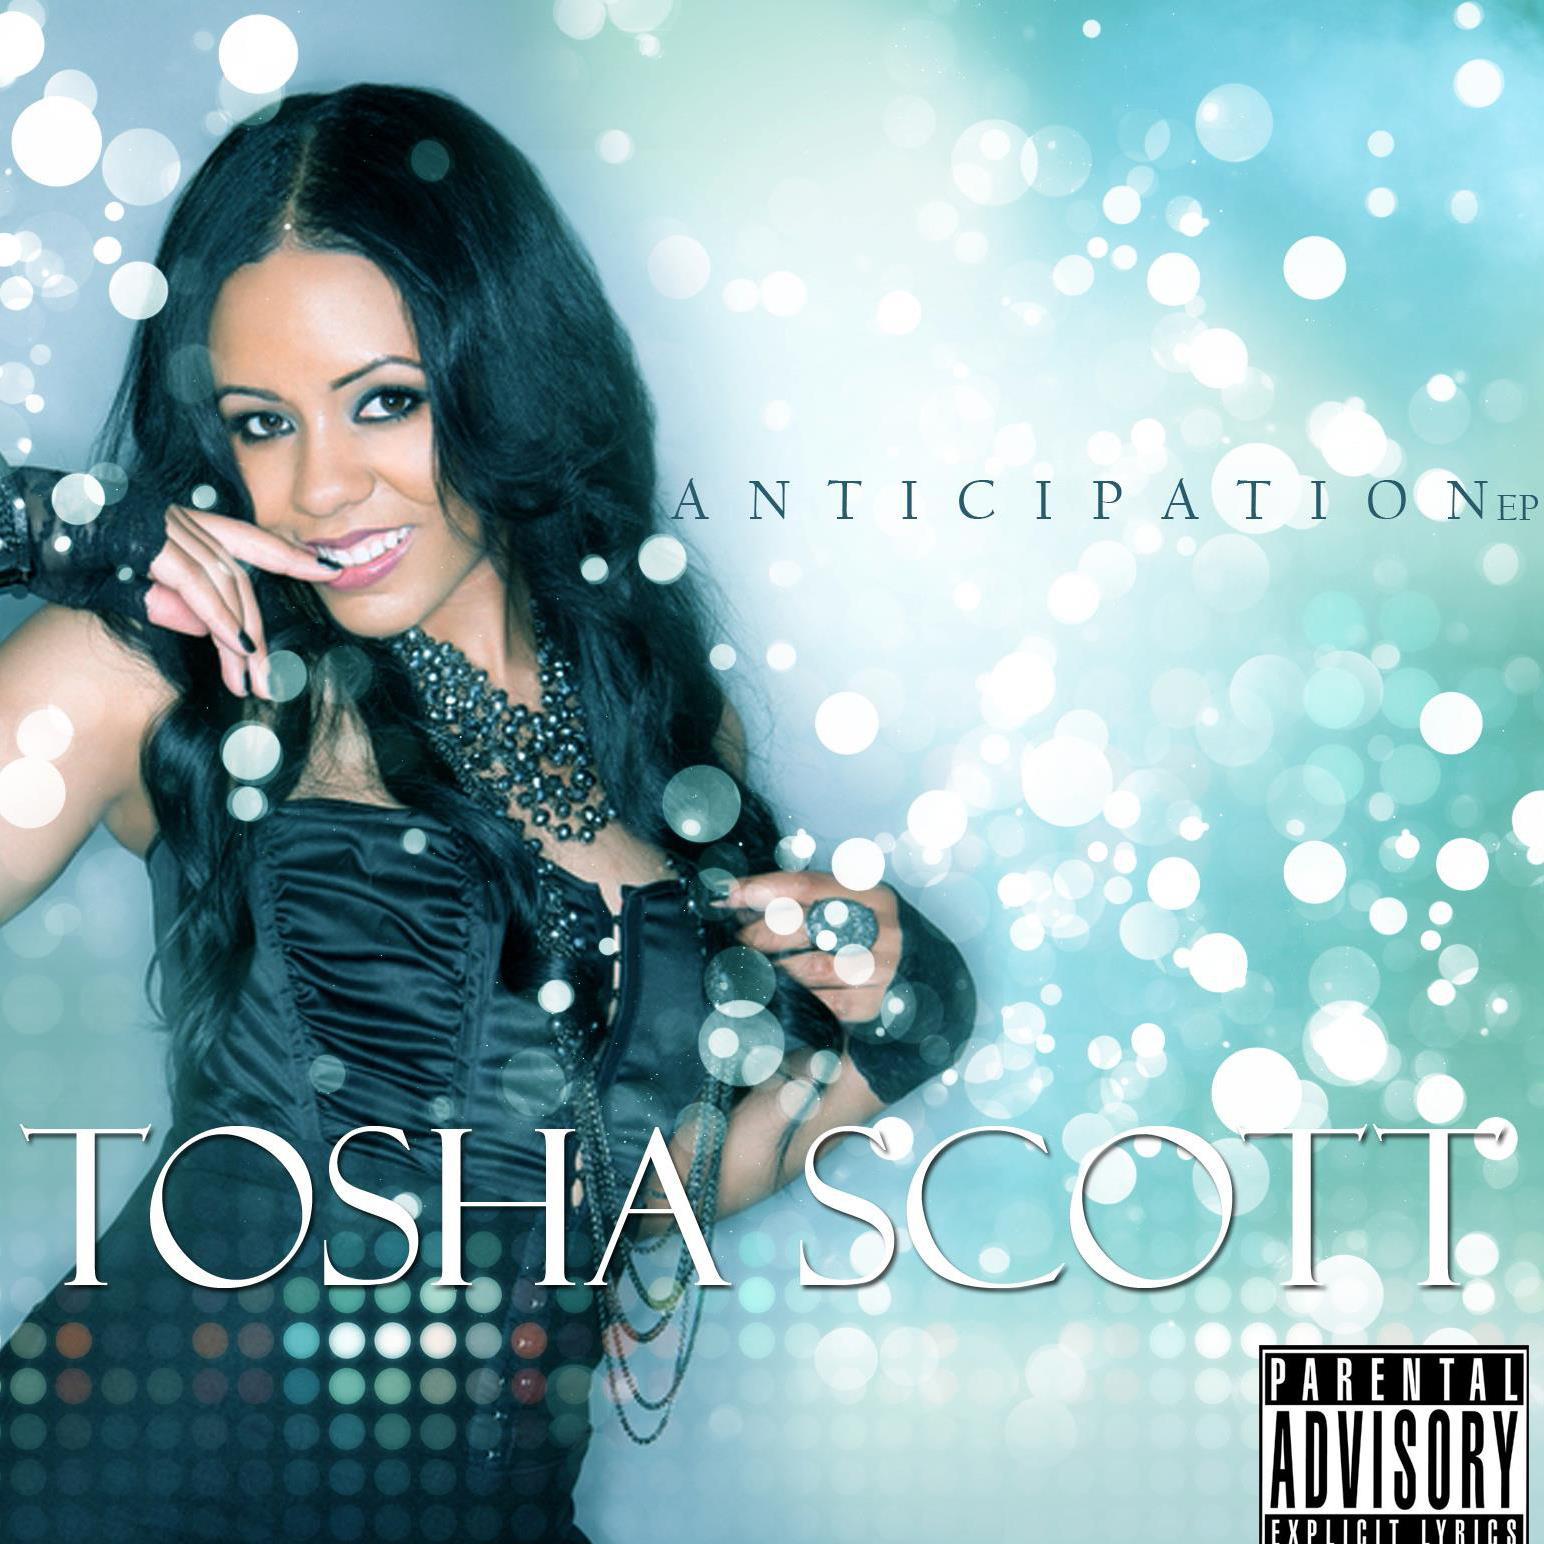 Tosha Scott